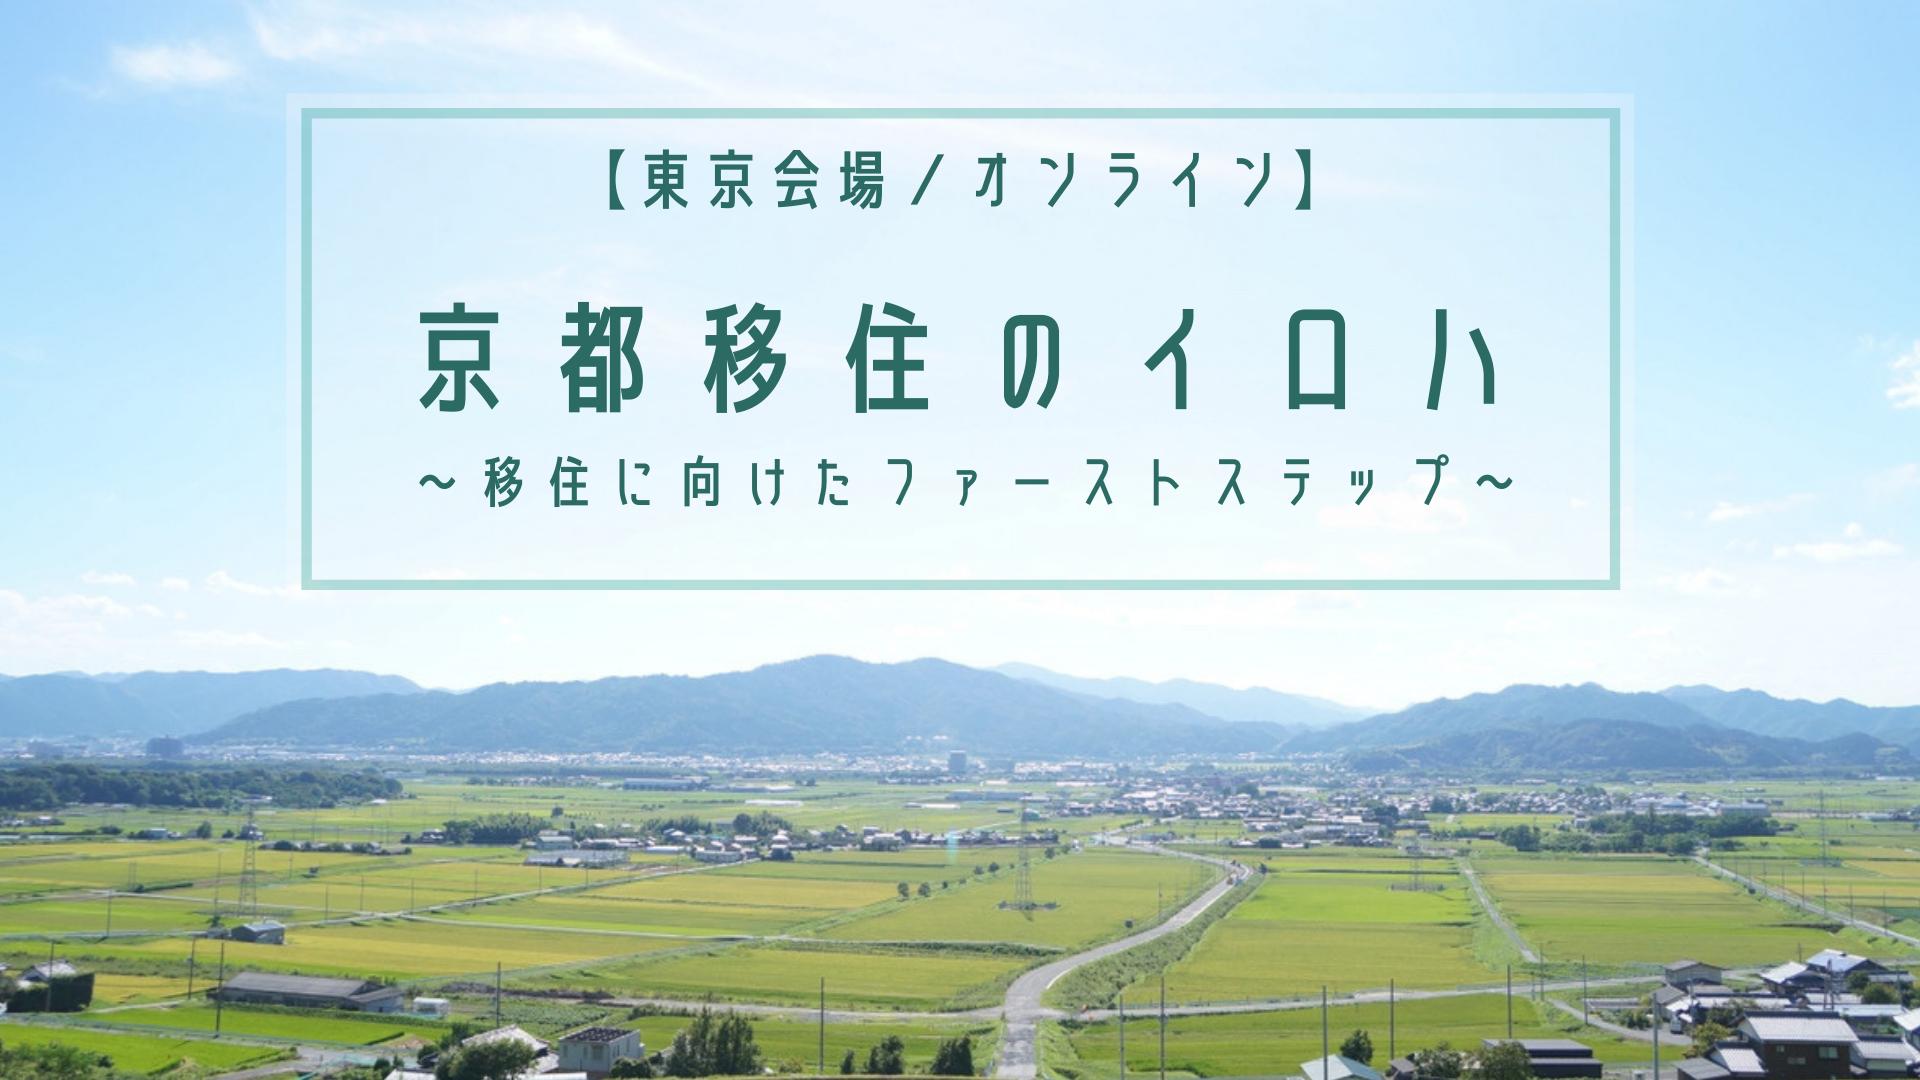 京都移住のイロハ -移住に向けたファーストステップ-